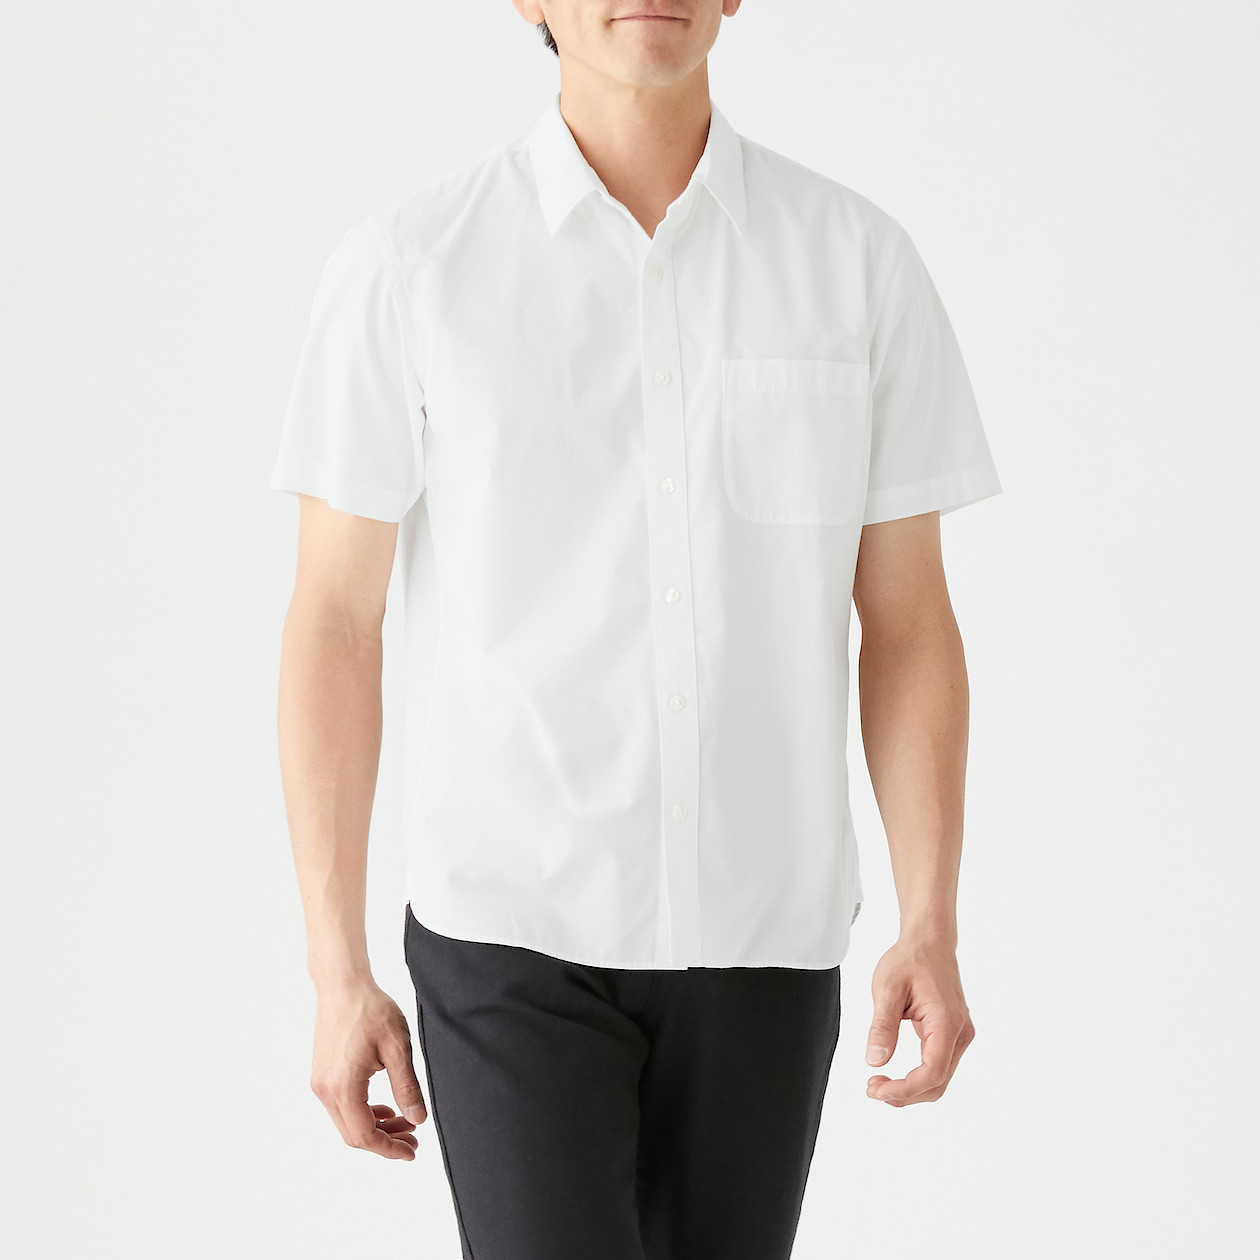 新疆綿洗いざらしブロード半袖シャツ